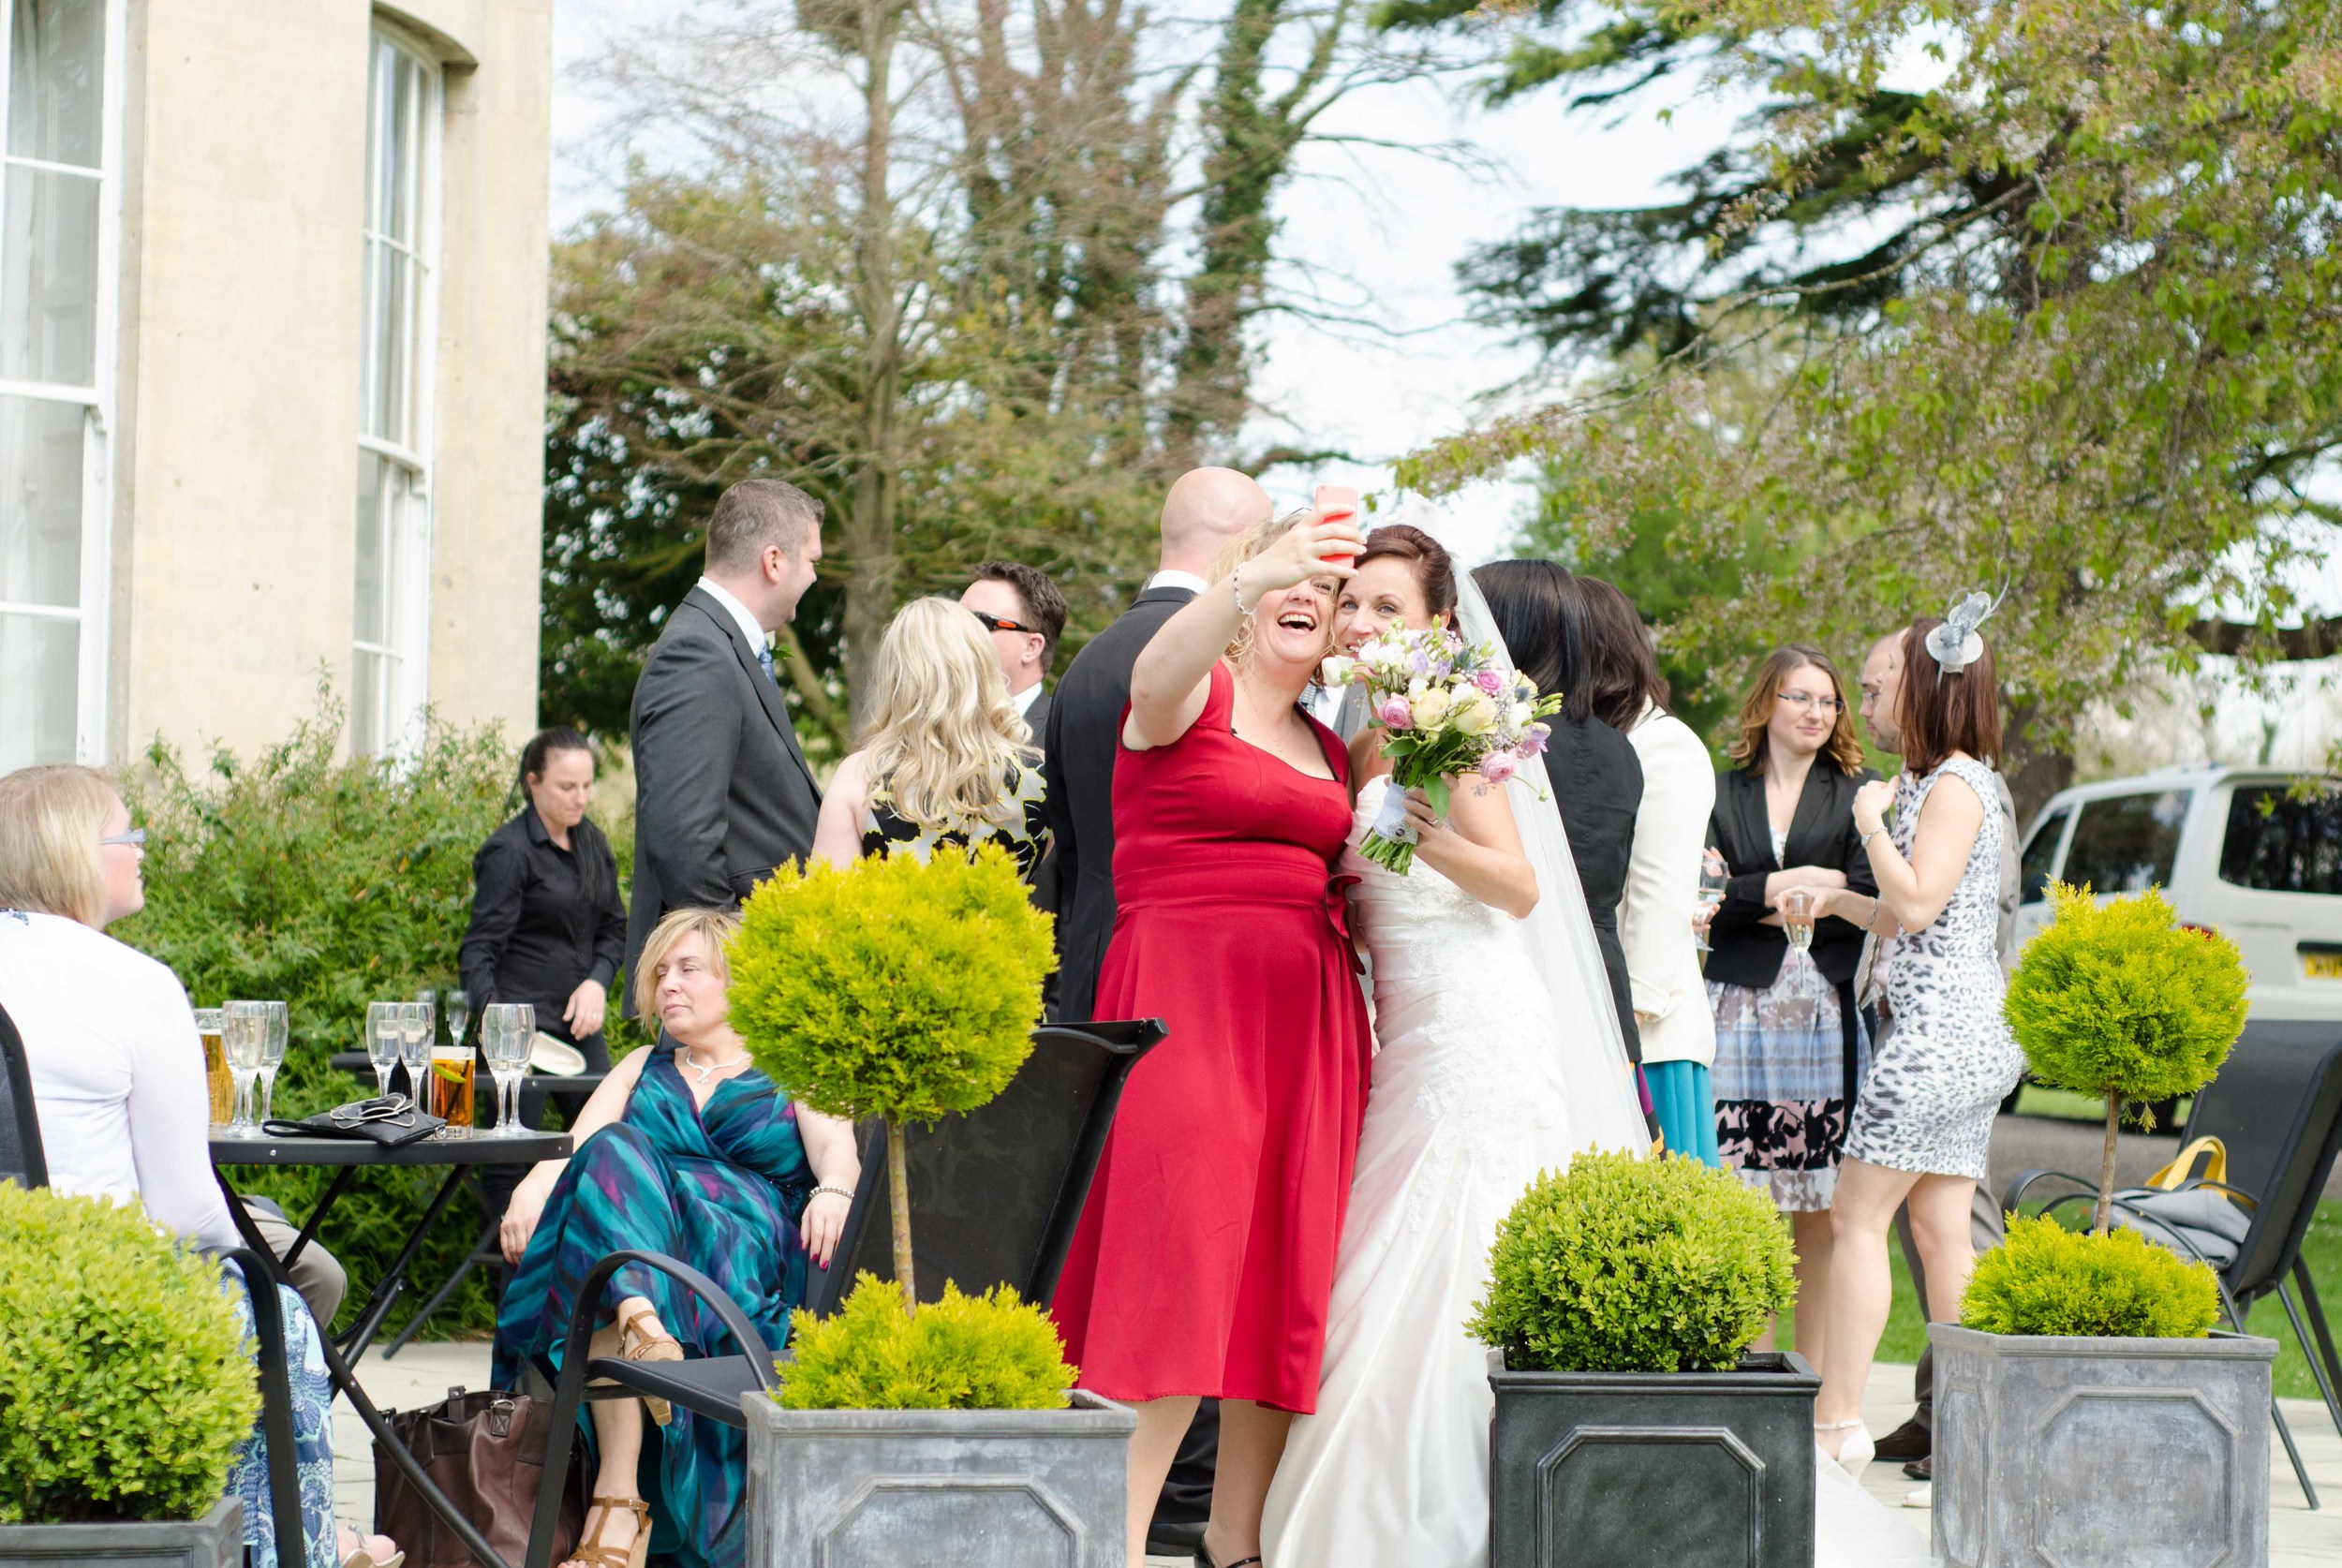 Mike & Jayes Wedding 24.jpg